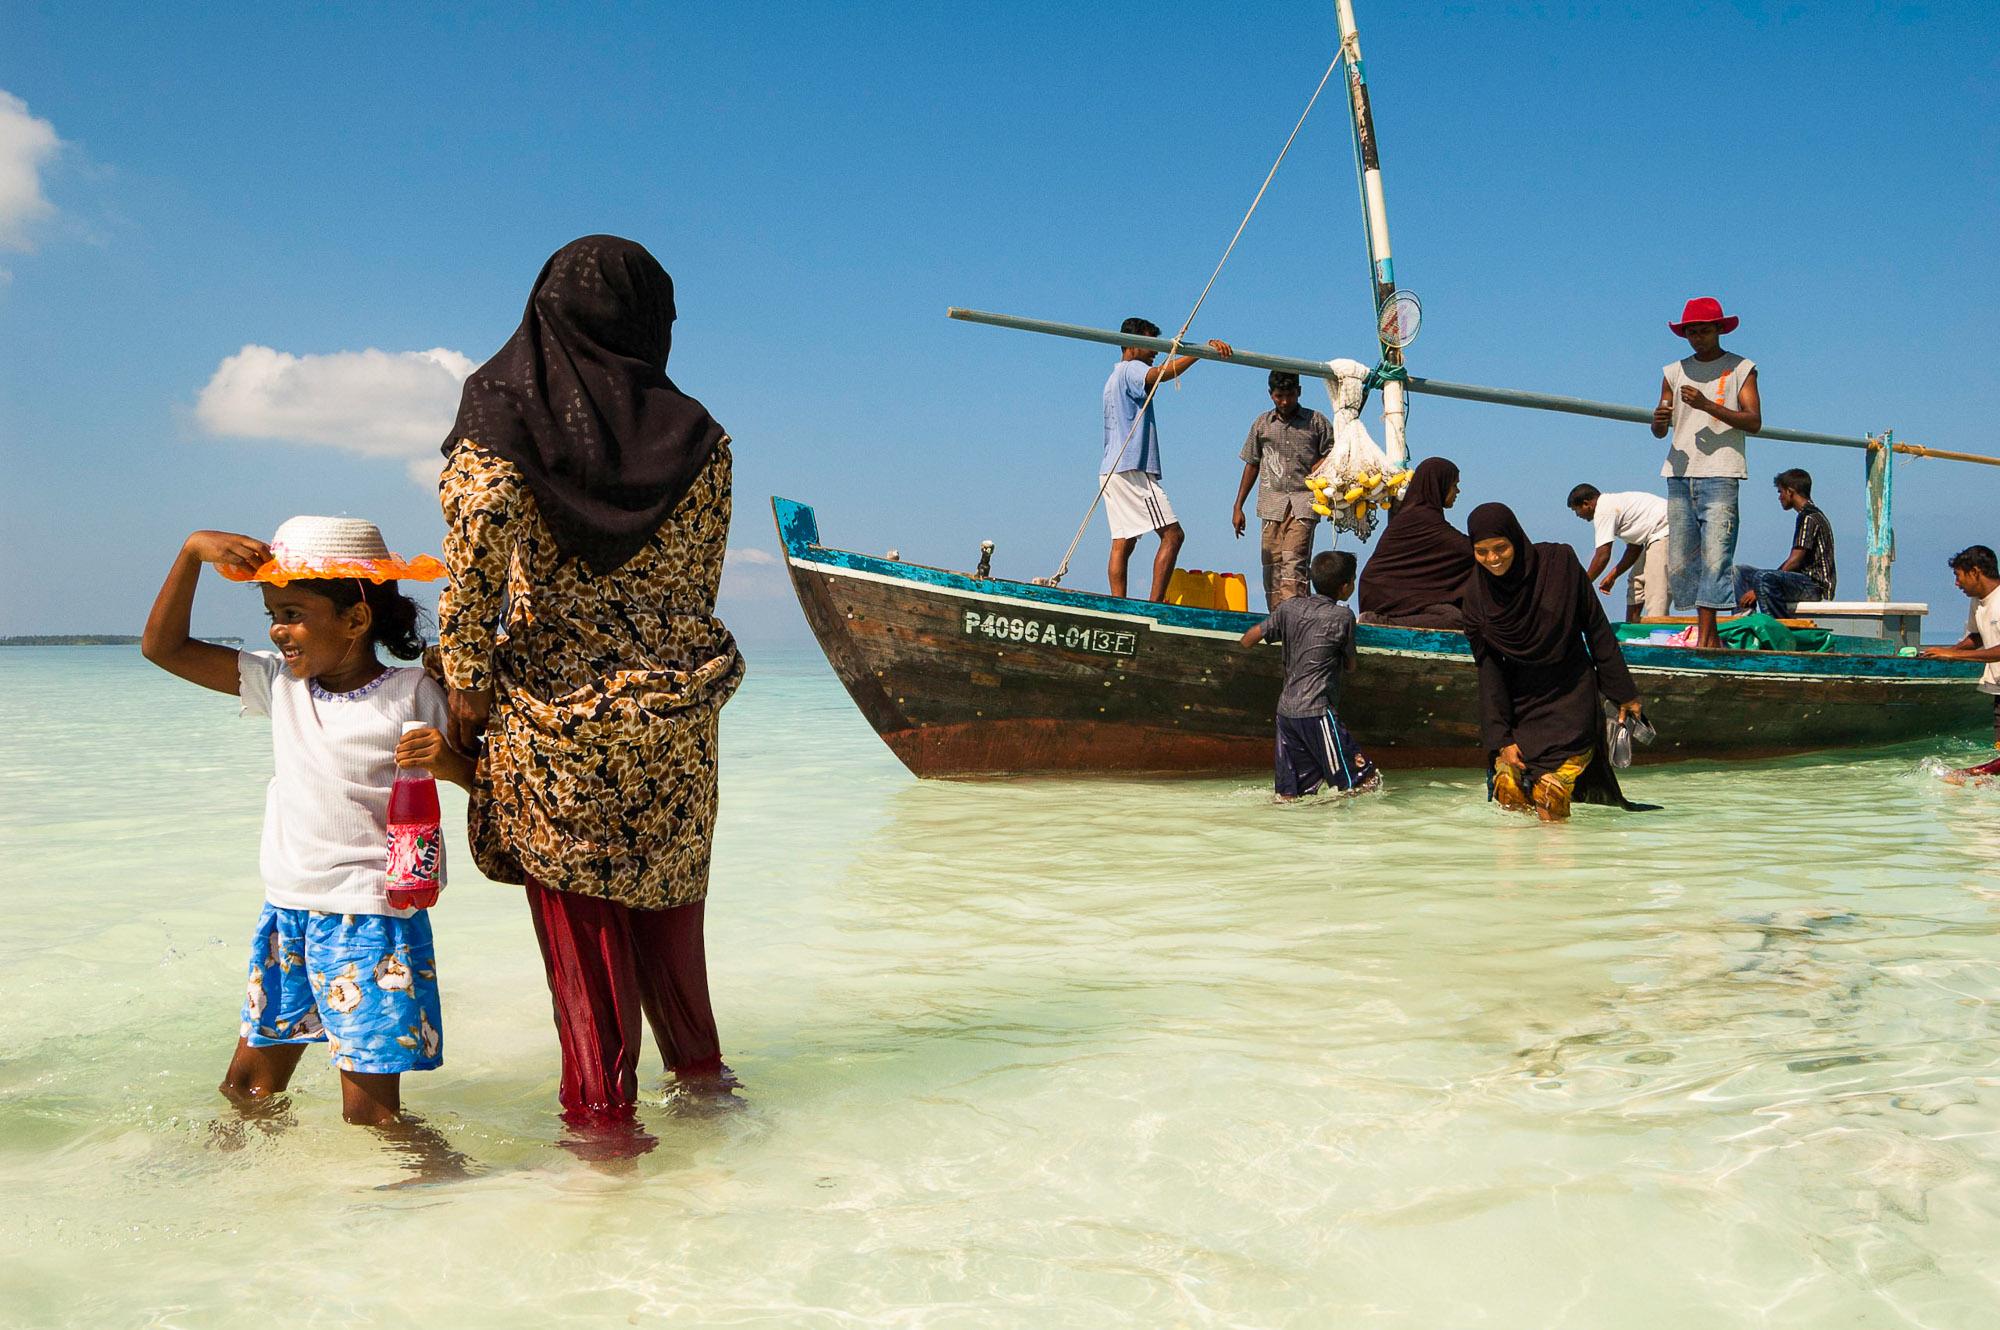 Island life, Maldives. © www.thomaspickard.com